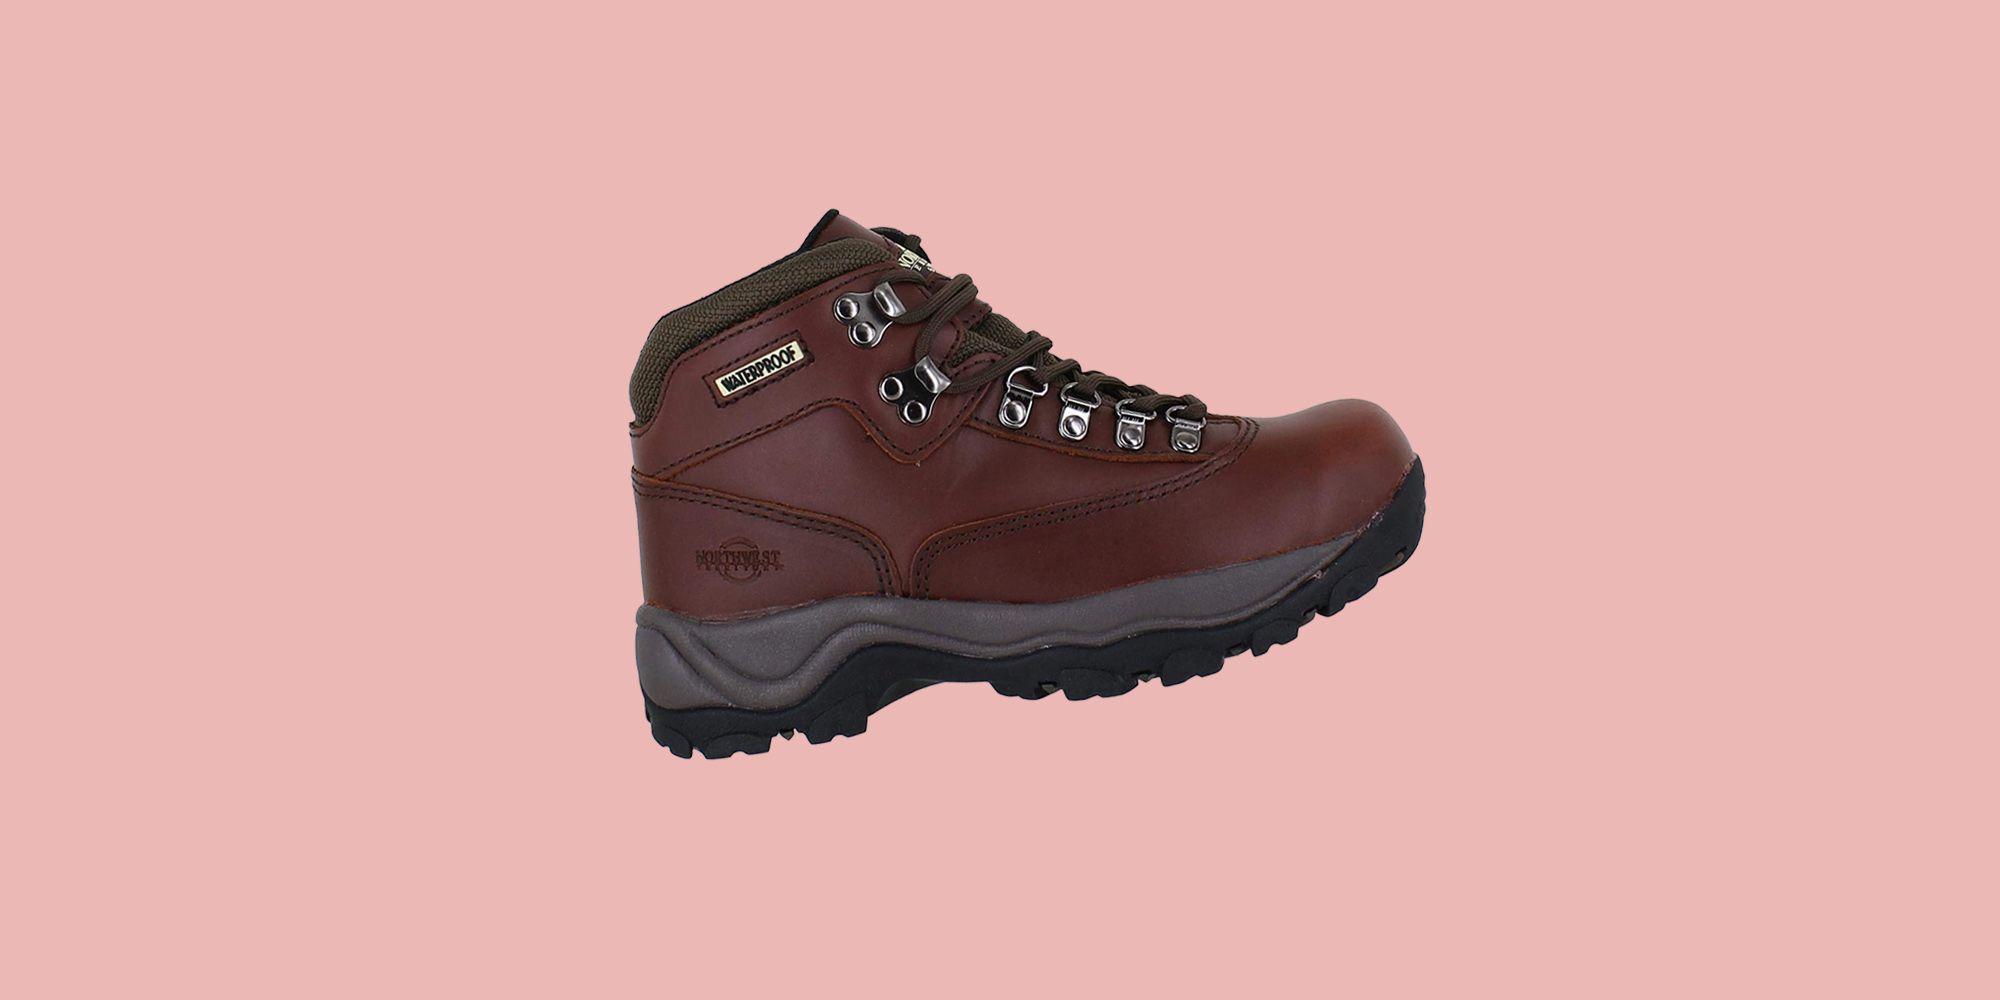 The ladies' waterproof walking boots